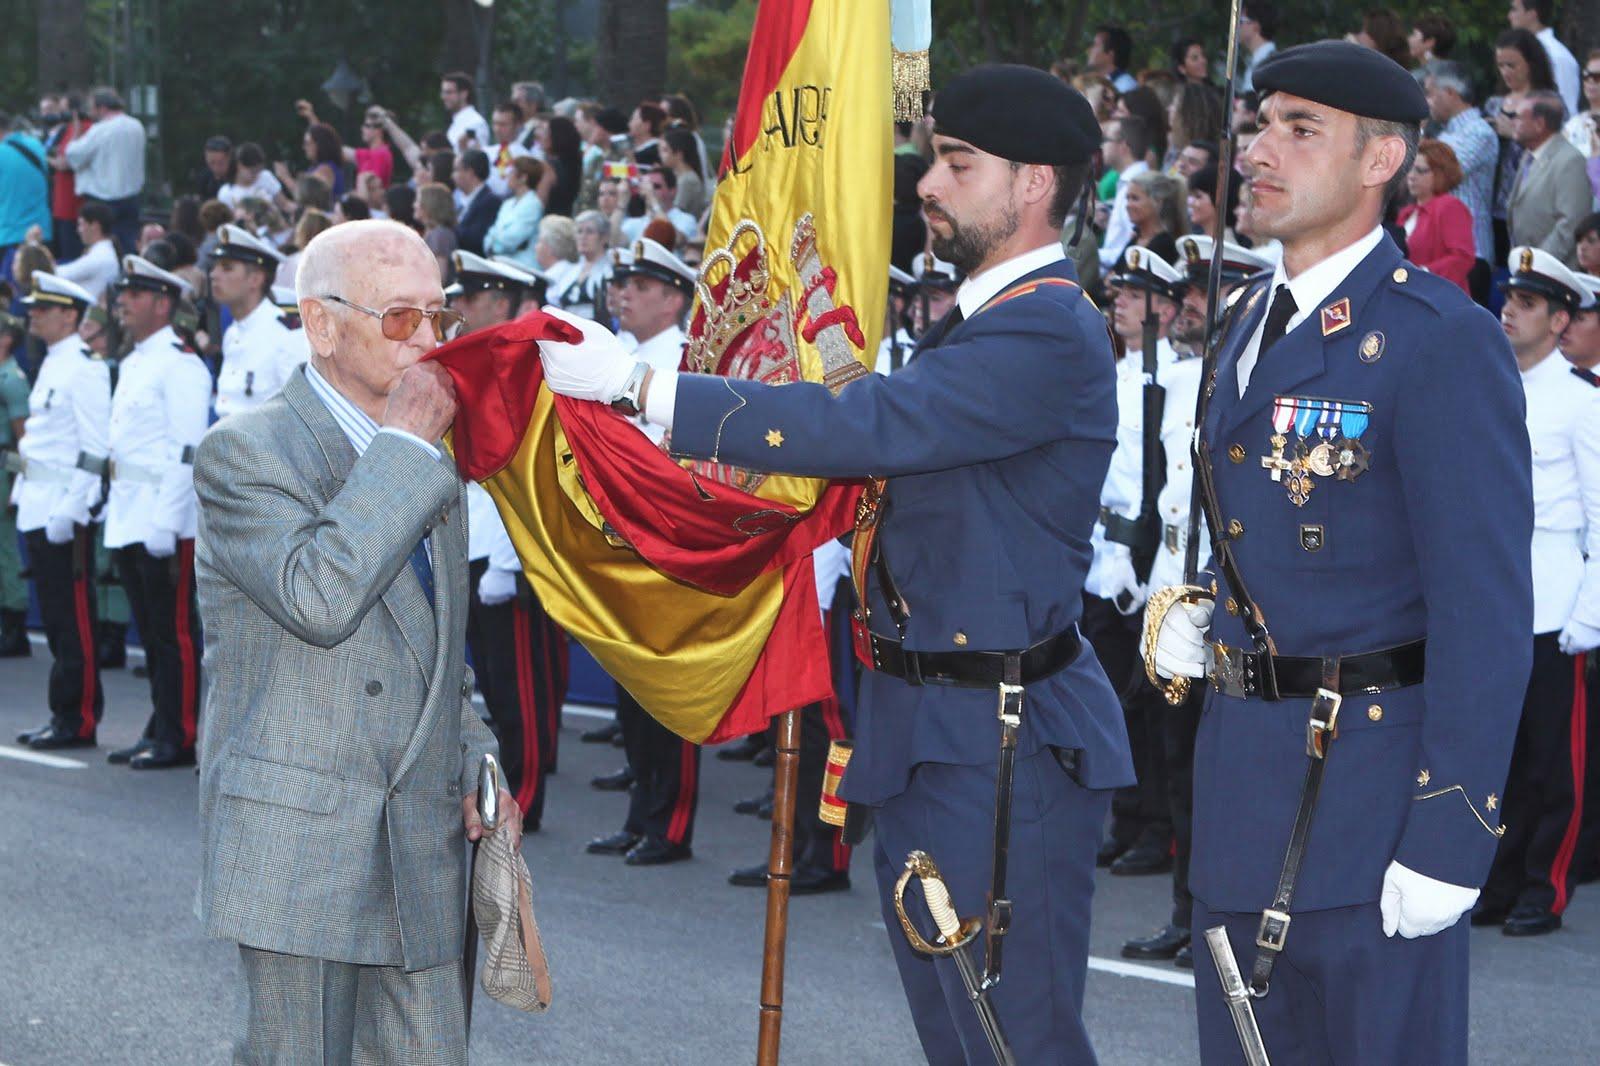 http://1.bp.blogspot.com/-mTF1LpRT5Ro/TePiQm0odiI/AAAAAAAABdw/o-5YYQR6pLM/s1600/DGC_110528_Chacon_Jura_Bandera_Malaga_05_G.jpg